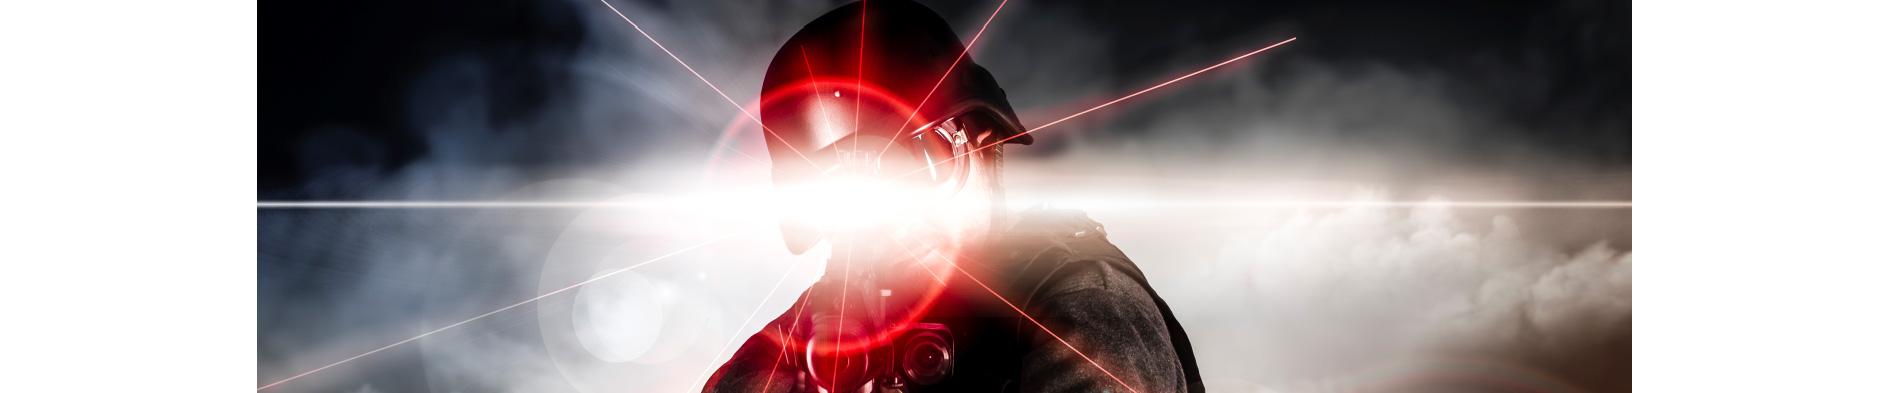 slider-laser-bs